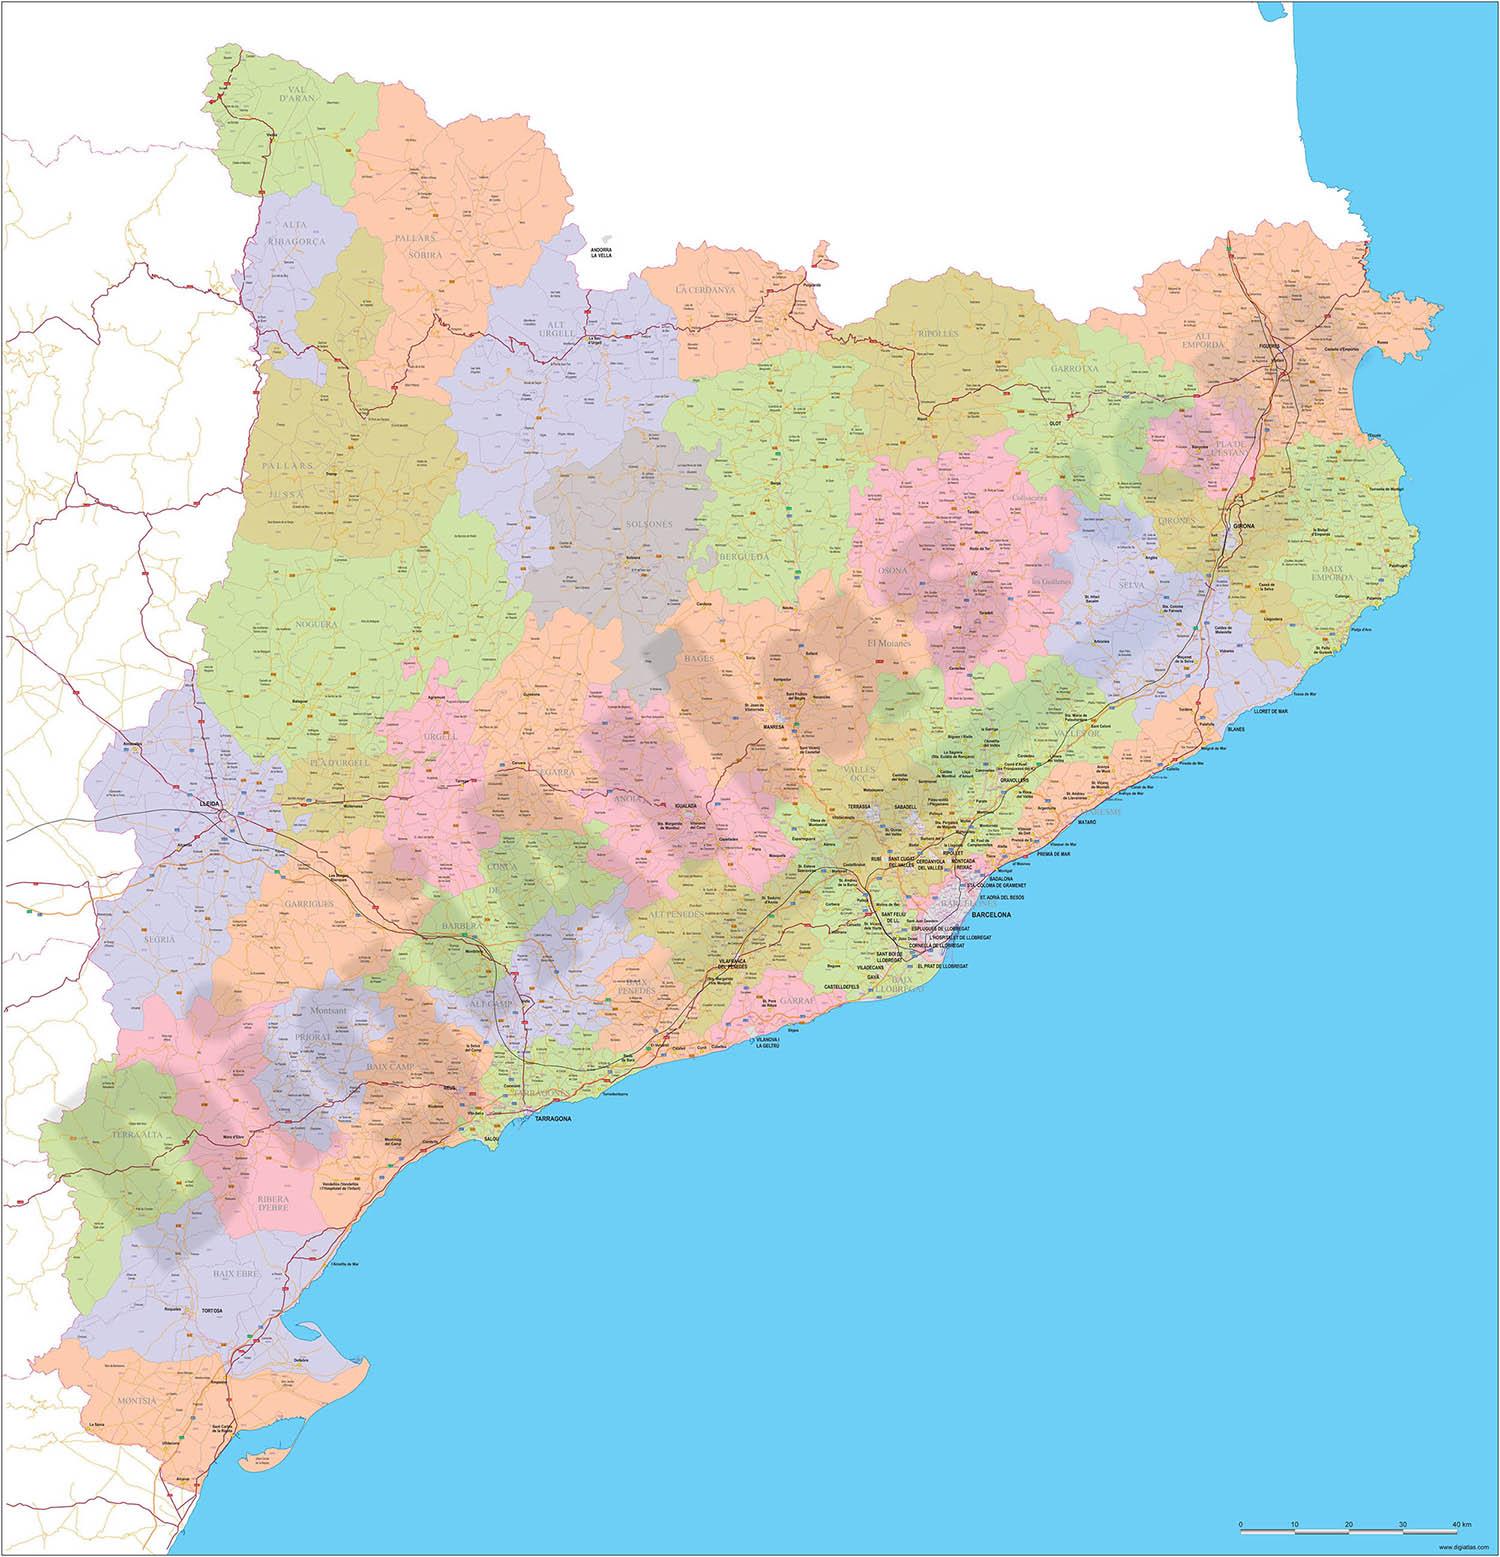 Catalunya - Mapa de códigos postales, municipios, carreteras y comarcas